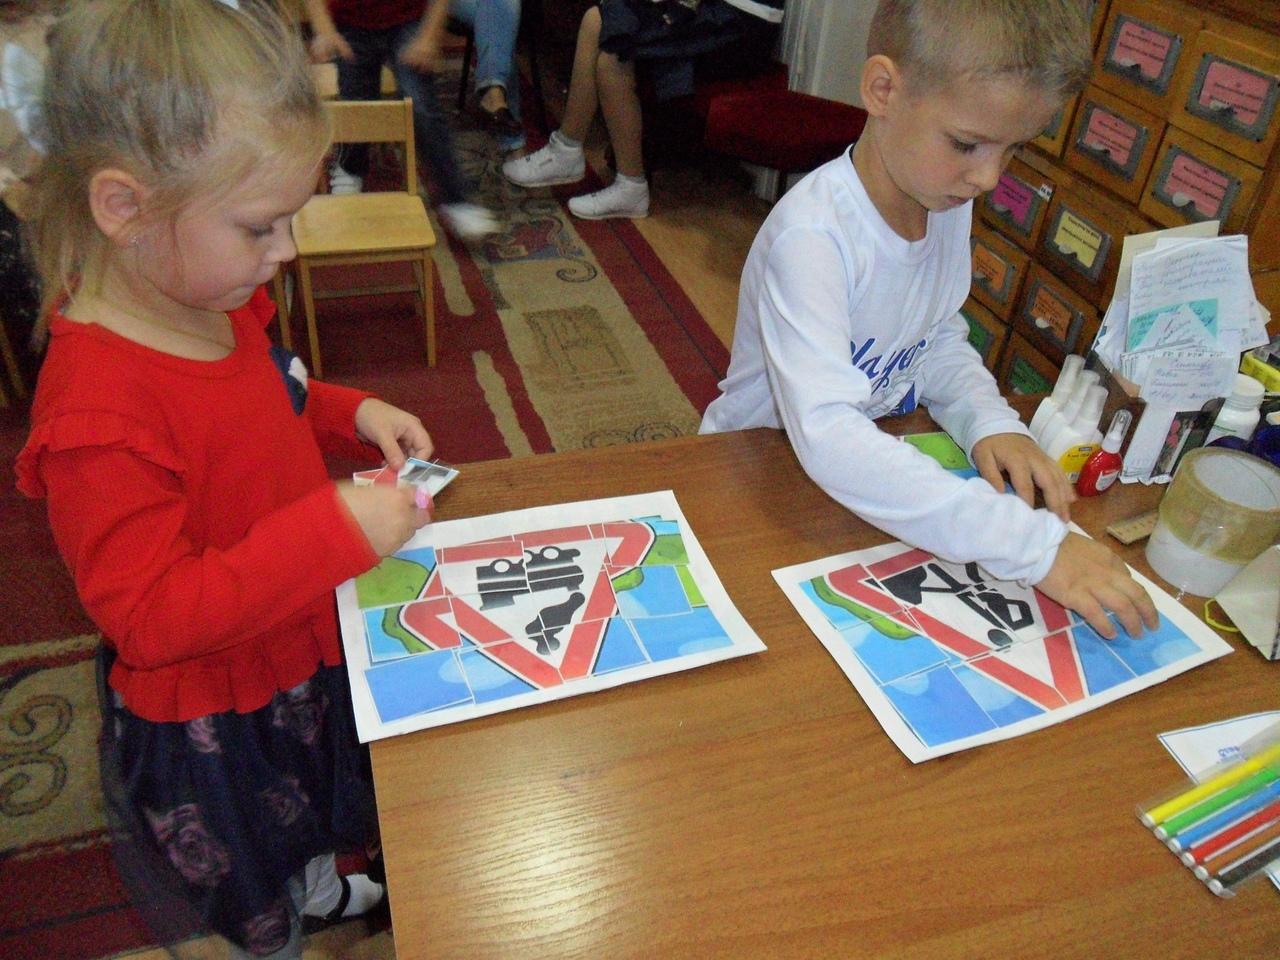 беседа о правилах дорожного движения, донецкая республиканская библиотека для детей, отдел искусств, детские сады 127 и 131